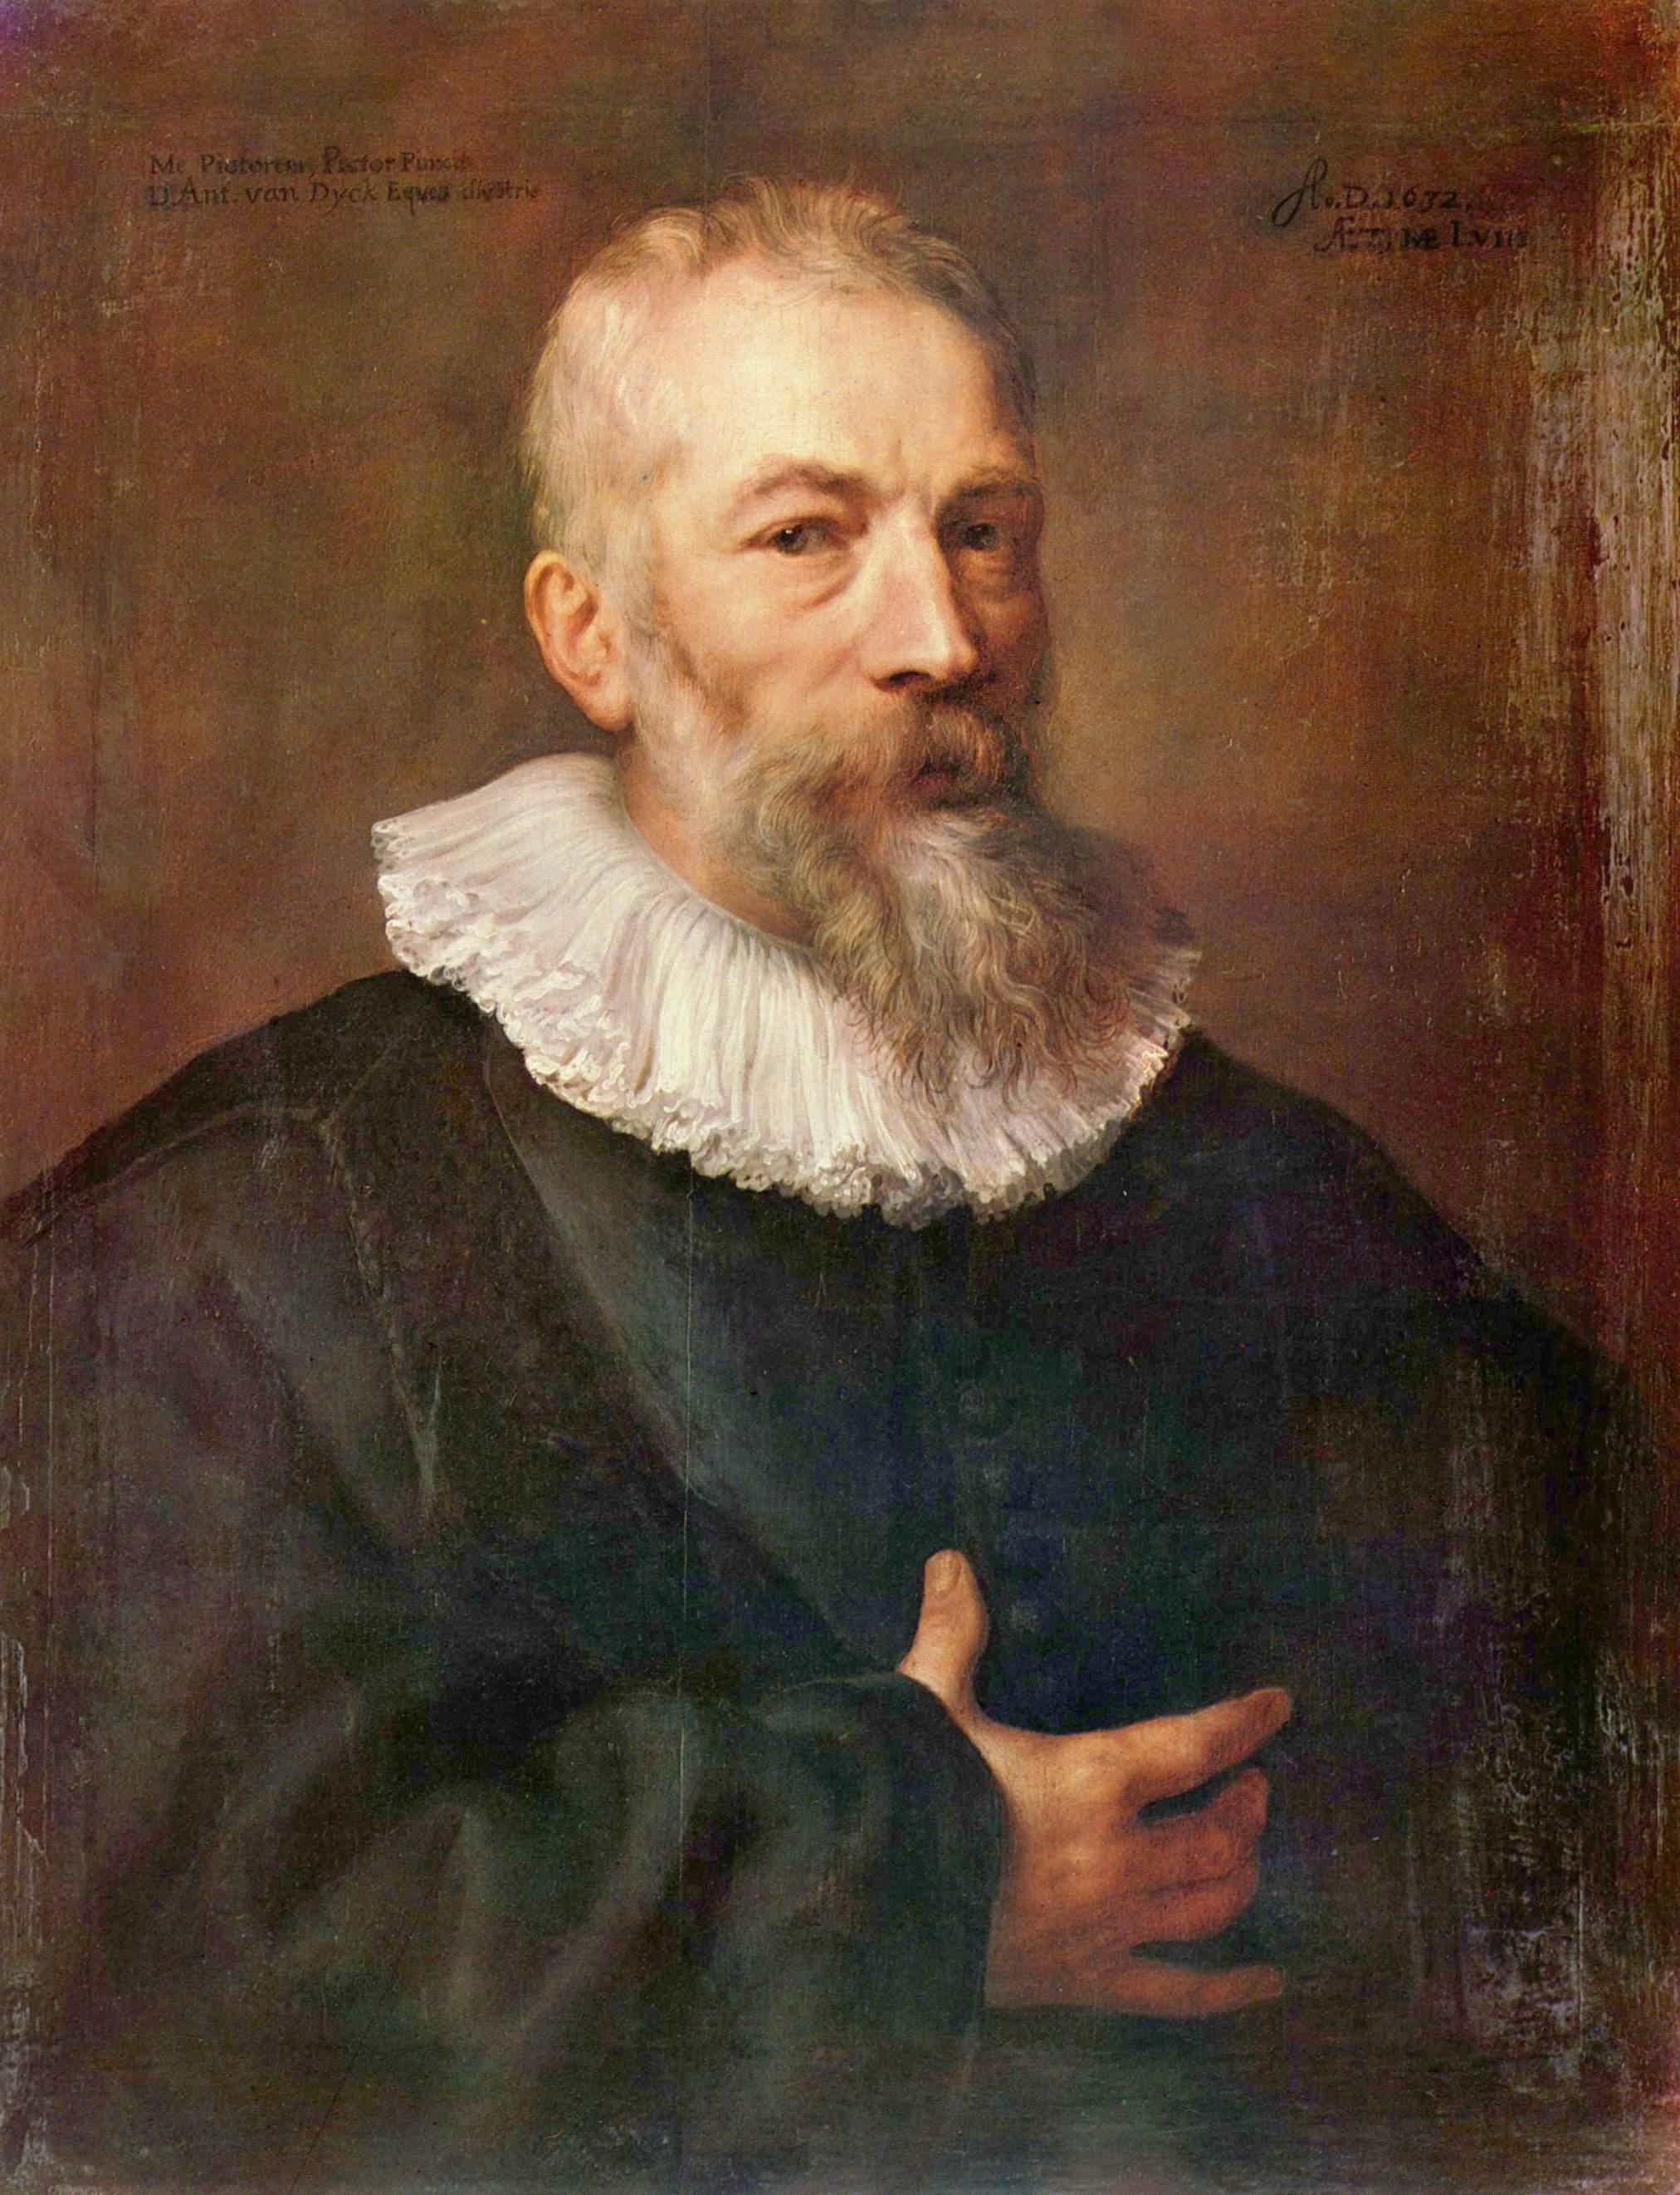 Портрет художника Мартина Пепейна, Антонис ван Дейк